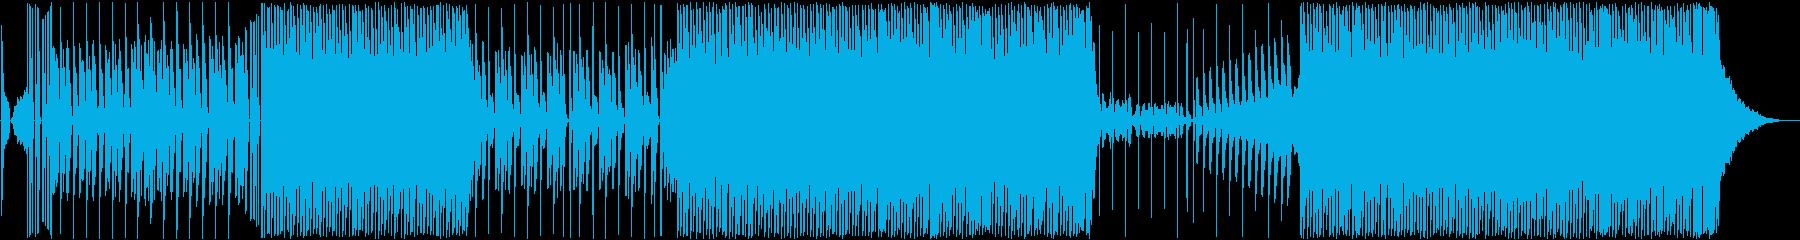 エアロビなどで楽しくエクササイズできる曲の再生済みの波形